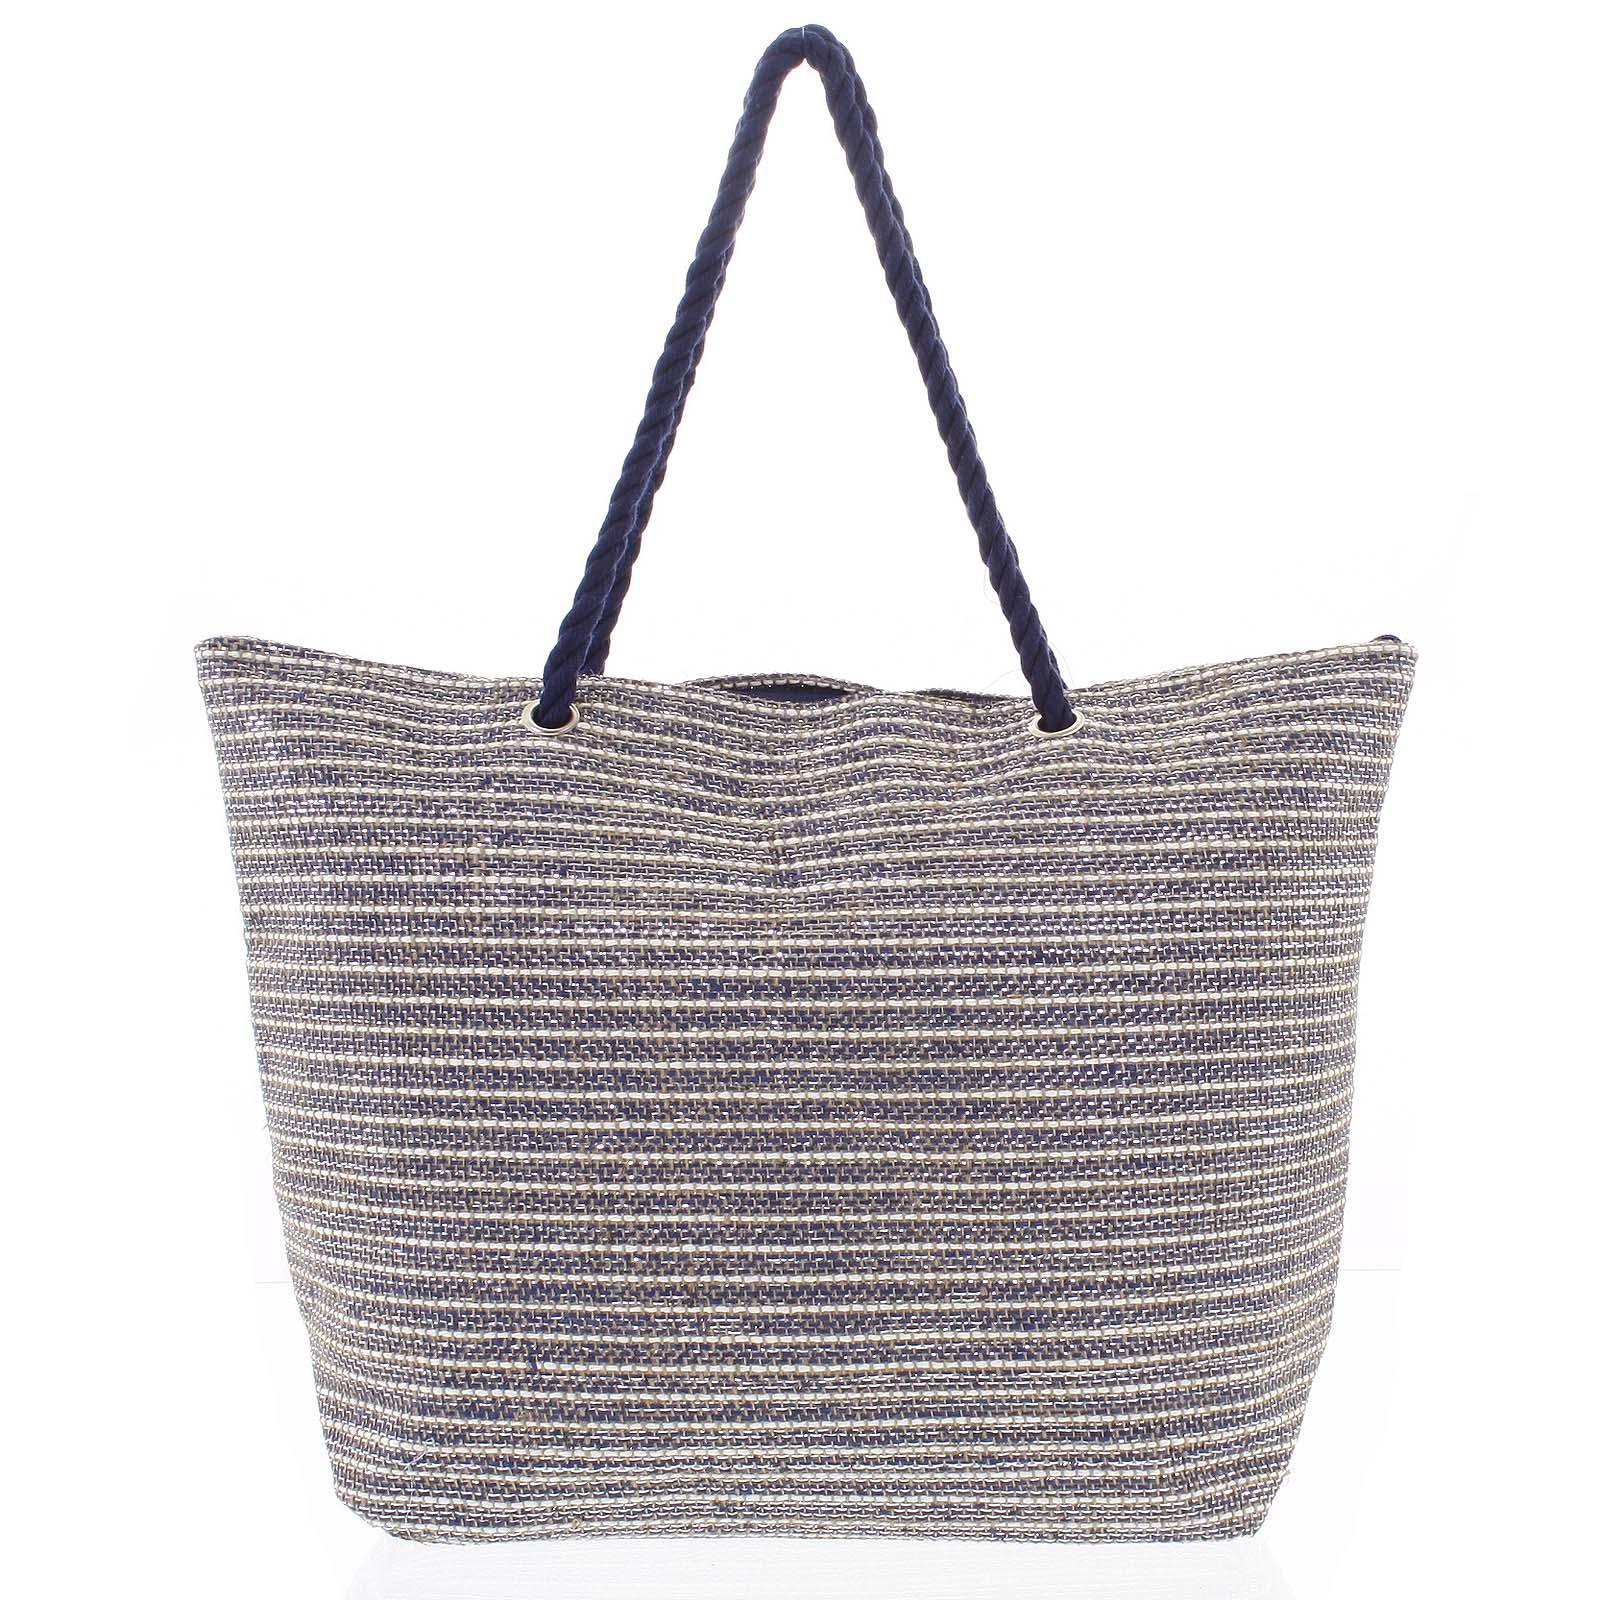 Hrubšia modro béžová plážová taška - Delami Coarse modrá